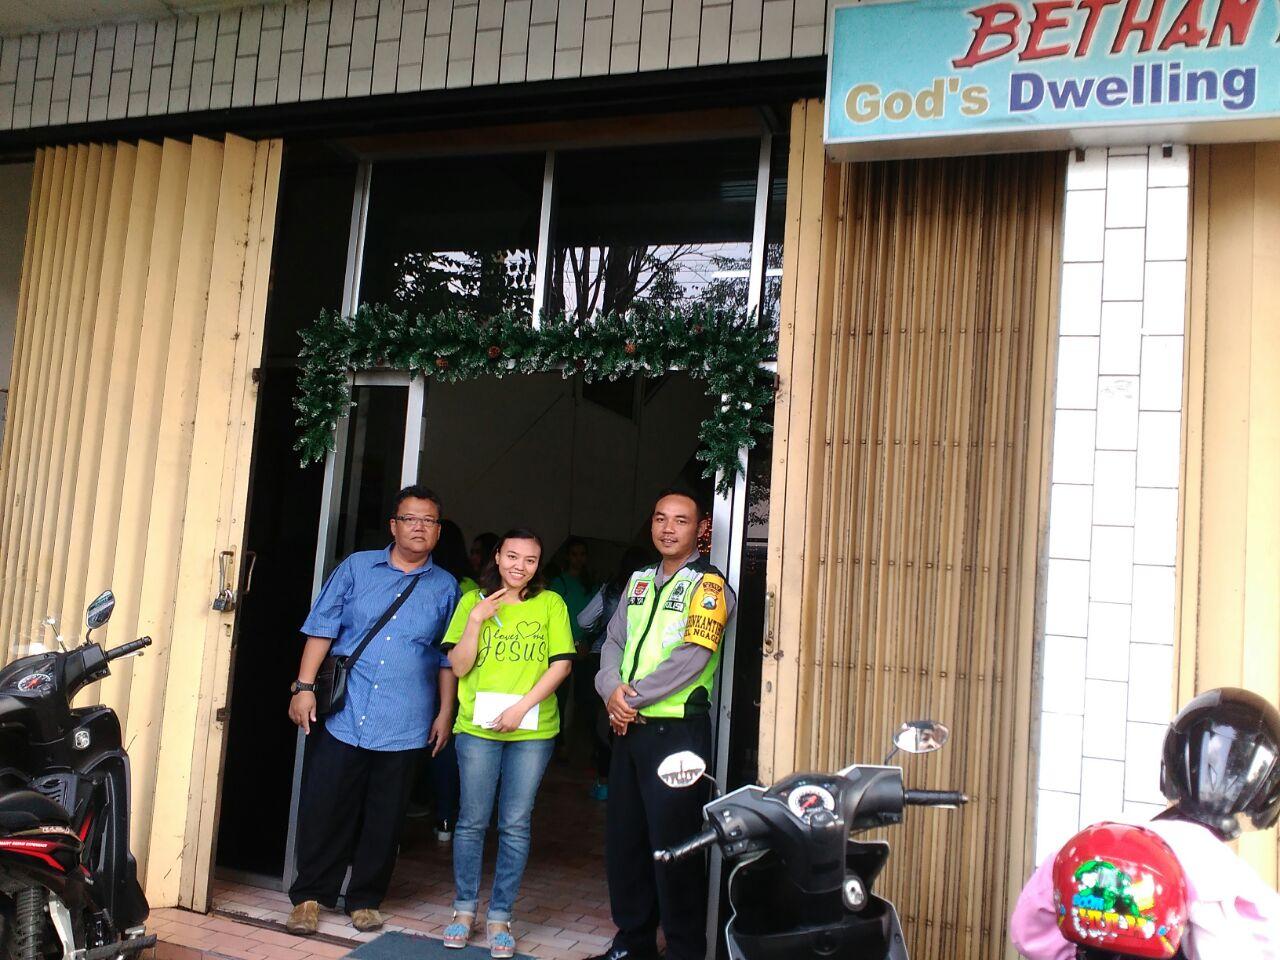 Anggota Bhabinkamtibmas Polsek Batu Polres Batu Melakukan Giat Pengamanan Ibadah Natal Anak Sekolah Minggu Gereja Bethany Indonesia